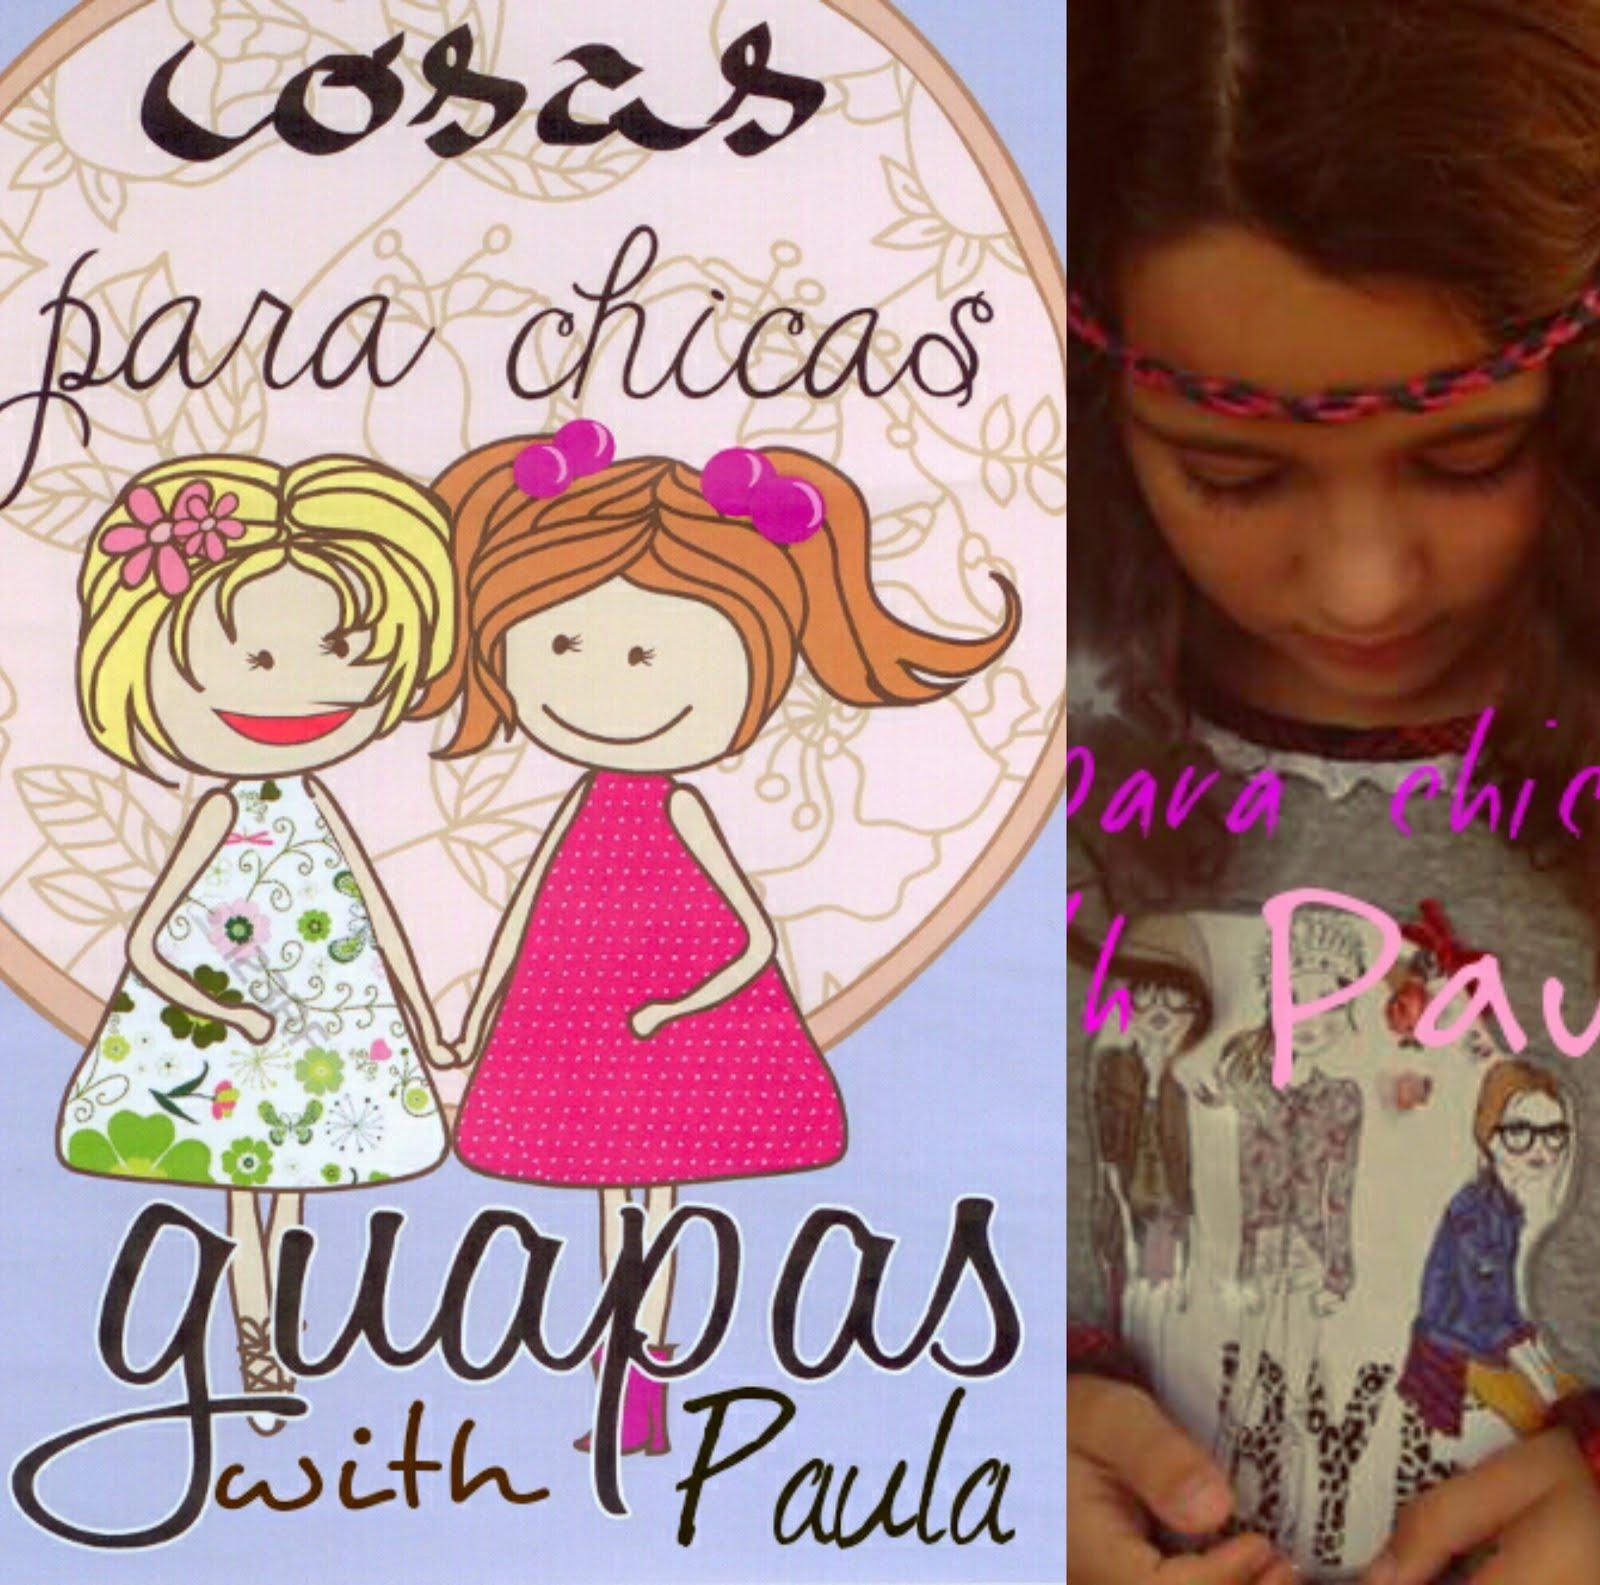 Cosas para chicas guapas with Paula